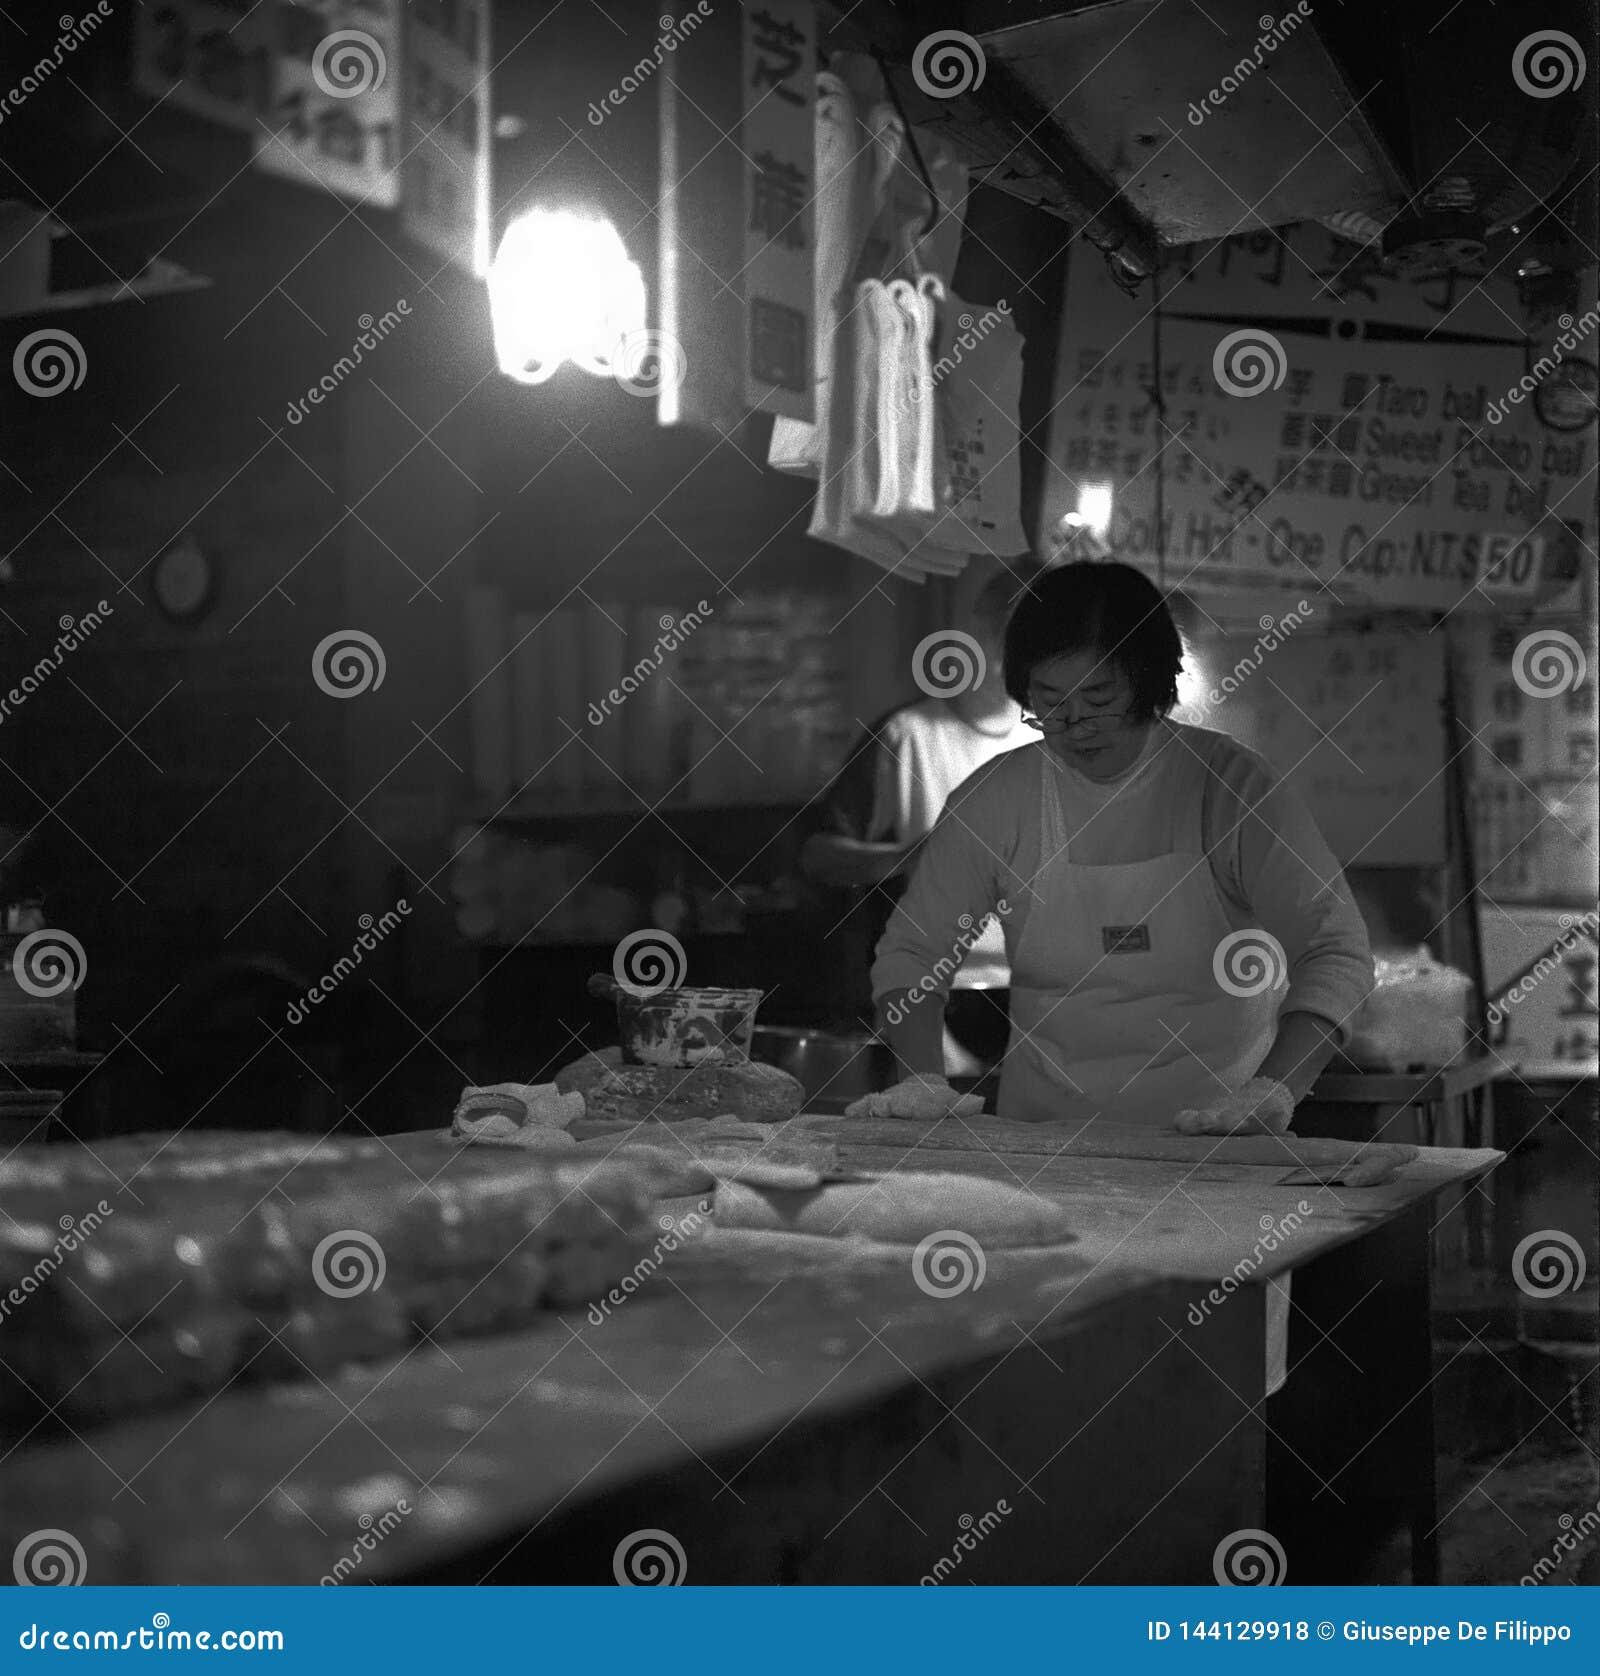 Κινεζική κυρία που προετοιμάζει τις μπουλέττες στην κουζίνα ενός εστιατορίου στην Ταϊβάν, πυροβολισμός με την αναλογική γραπτή τα